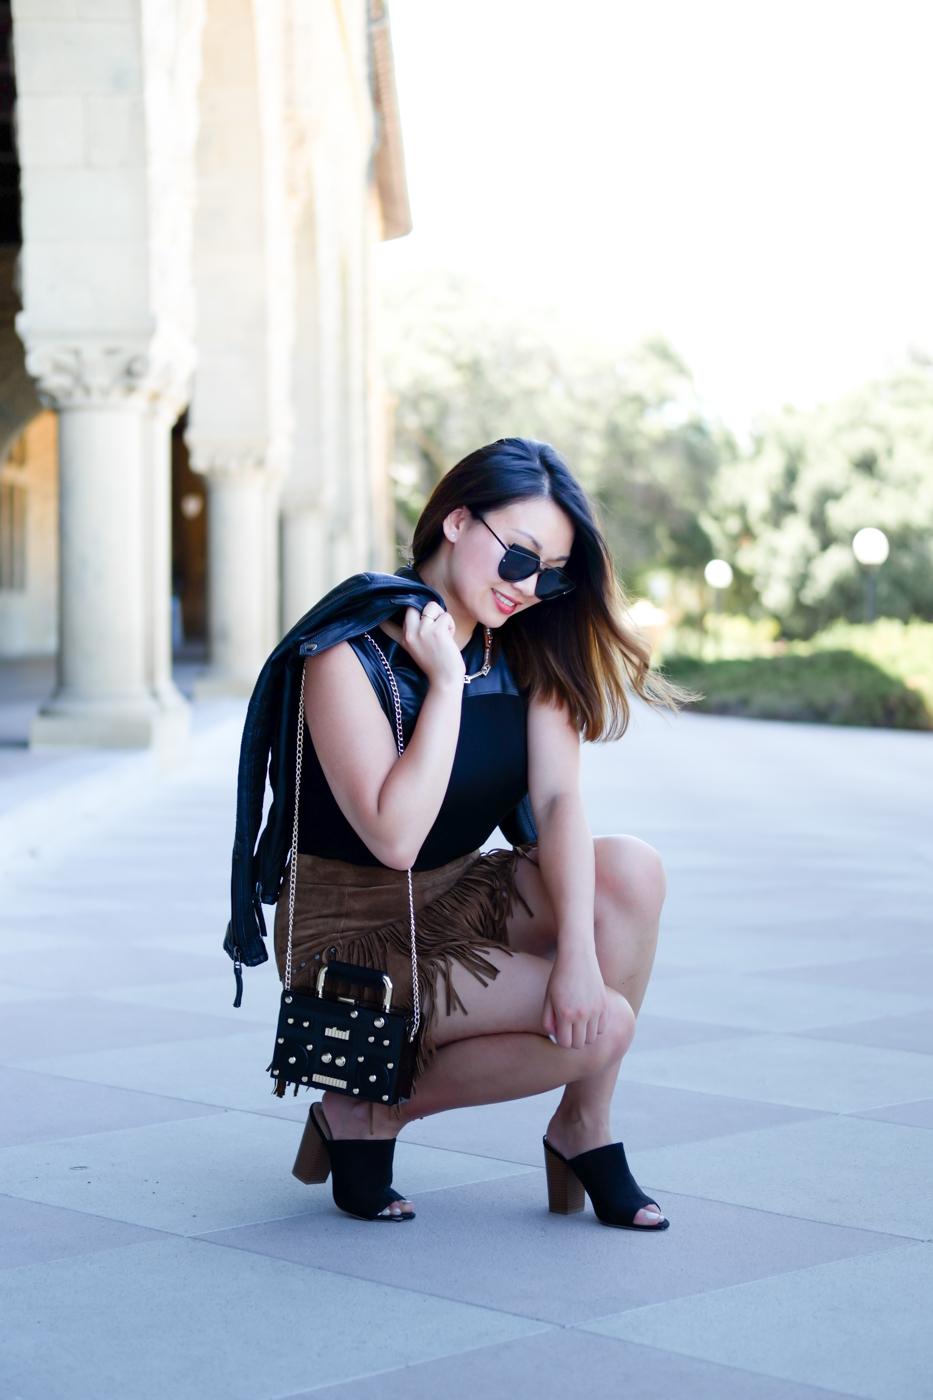 Zara fringe skirt & leather moto jacket | The Chic Diary